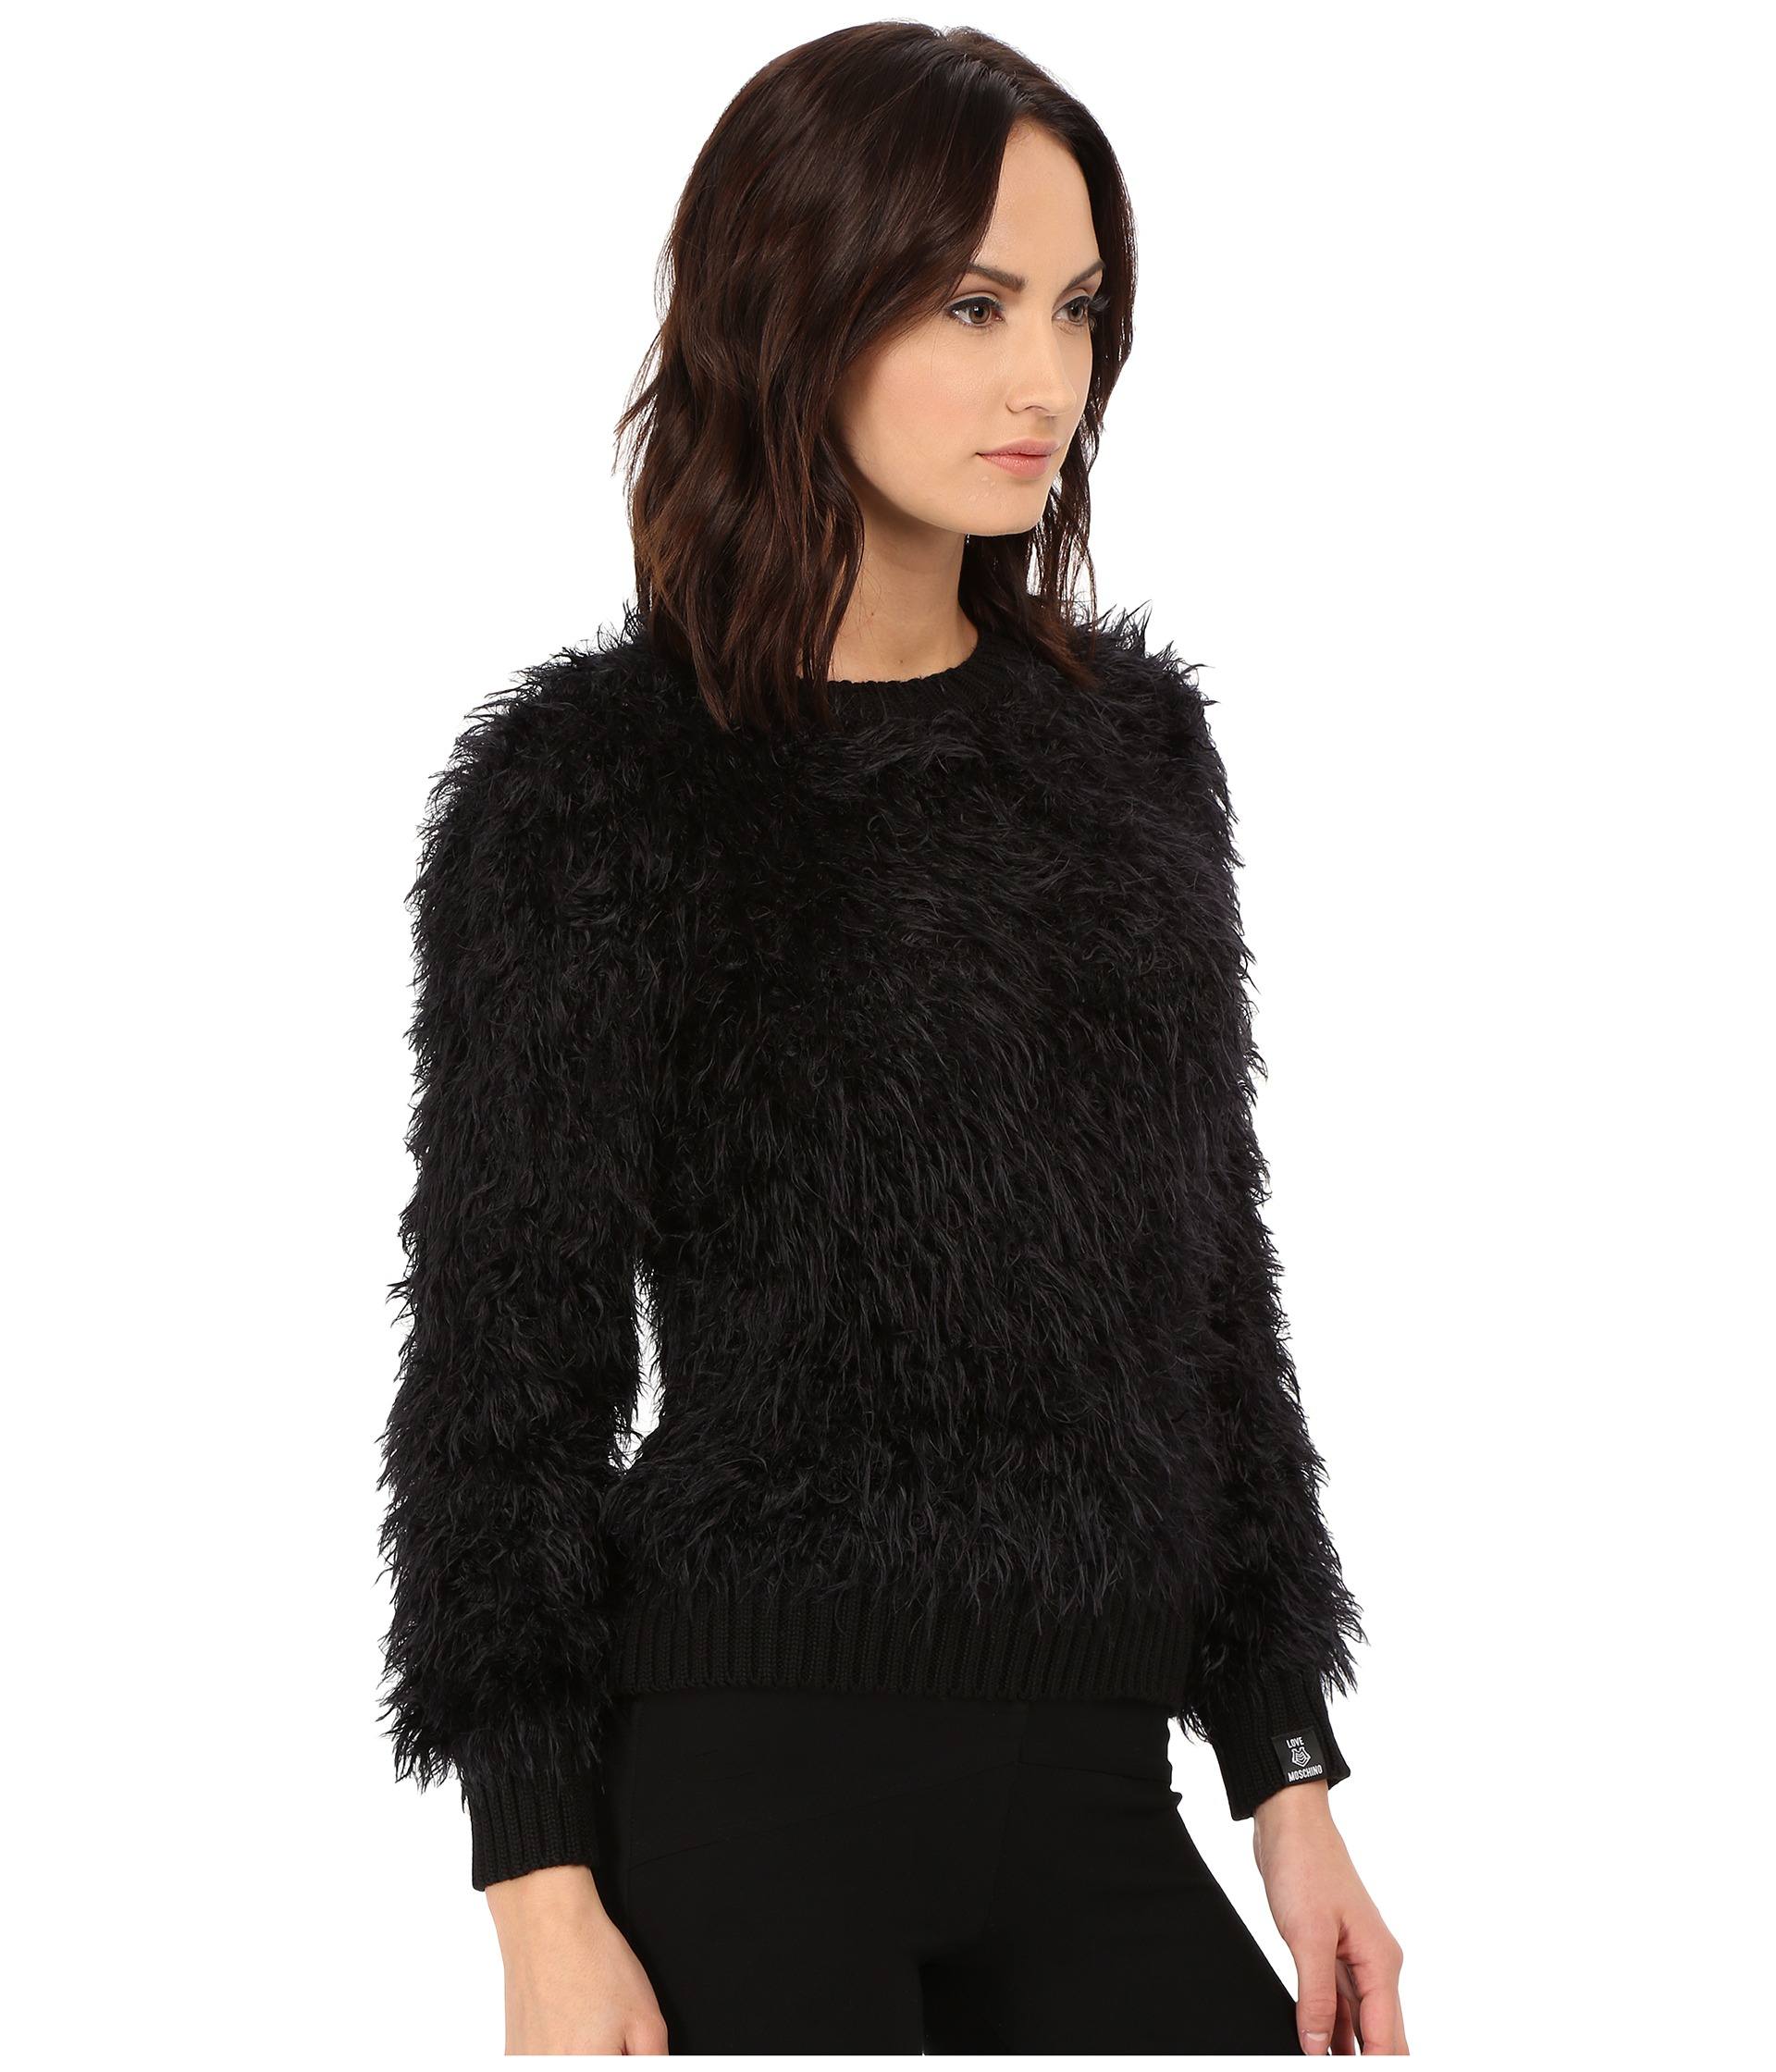 Wool Sweater Furry 82